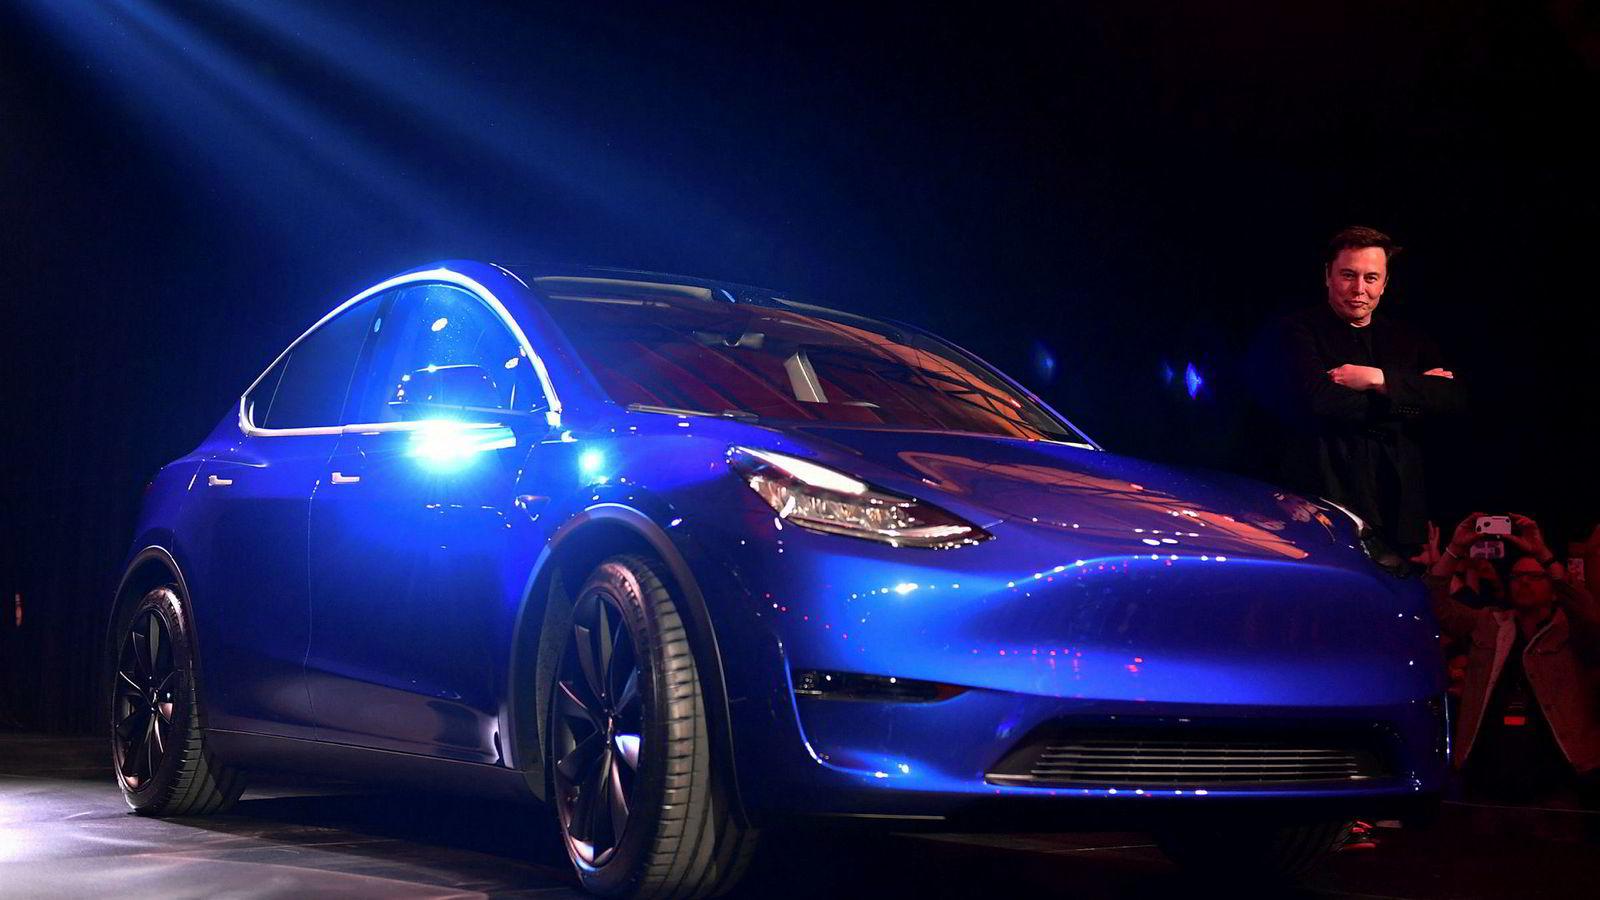 Elon Musk presenterte nye selvkjørende egenskaper for Tesla mandag. Her fra presentasjonen av Model Y i midten av mars.